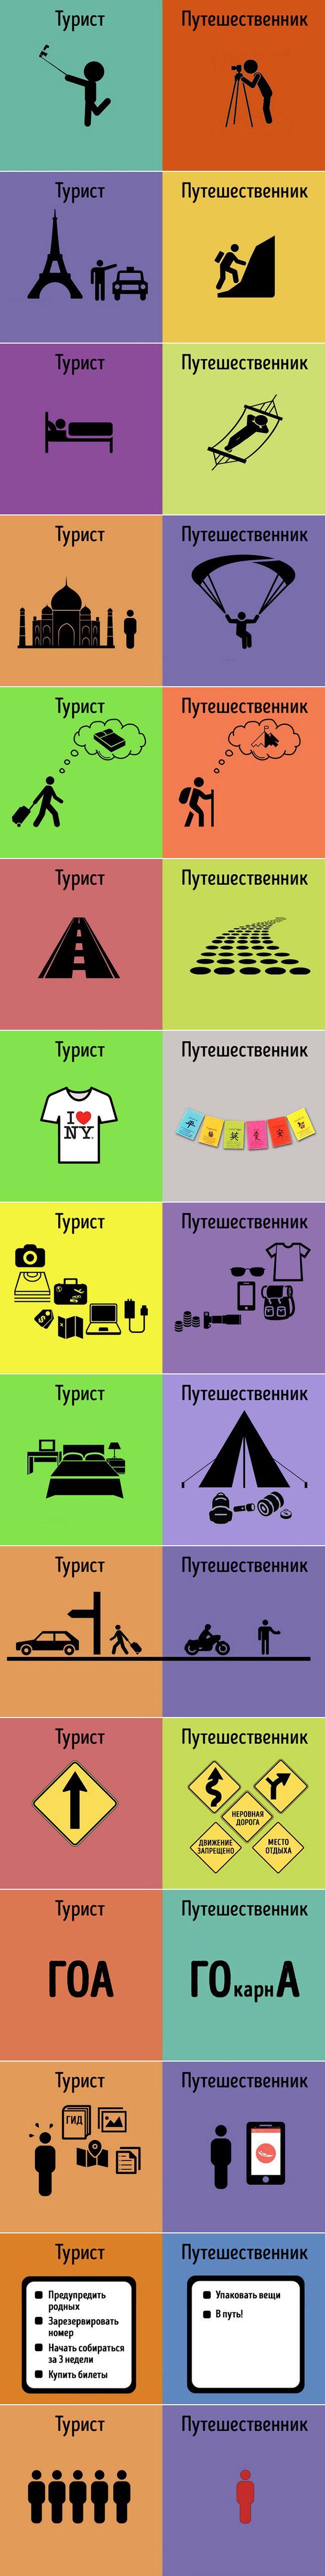 Вот чем отличаются туристы от путешественников / Tourist vs. Traveler